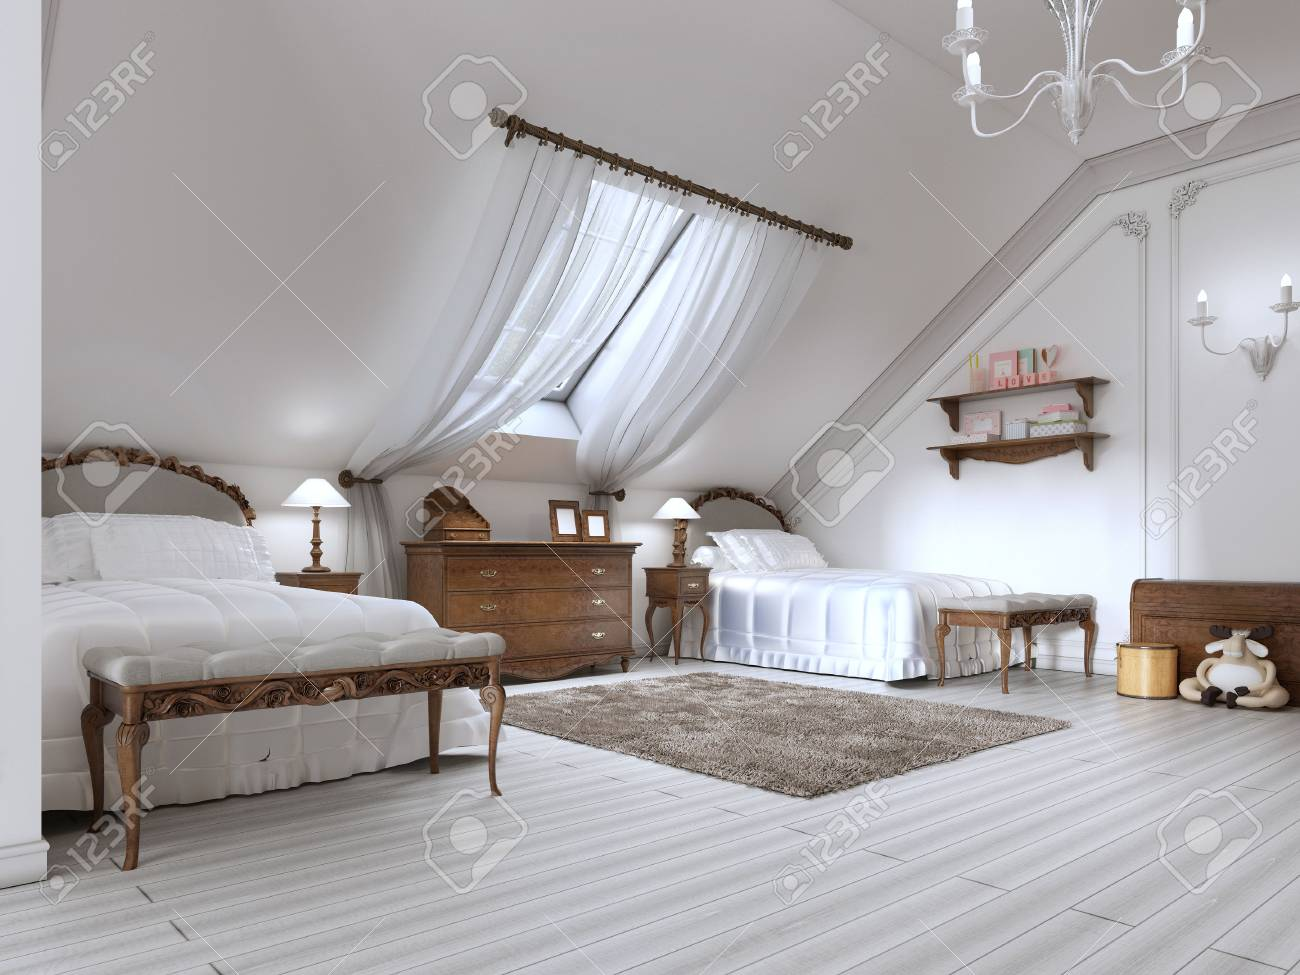 Full Size of Weiße Betten Luxus Mit Zwei Und Ein Dachfenster Holz Braun Musterring 90x200 Möbel Boss Wohnwert Amazon 180x200 Moebel Coole Schramm Weißes Bett 160x200 Bett Weiße Betten